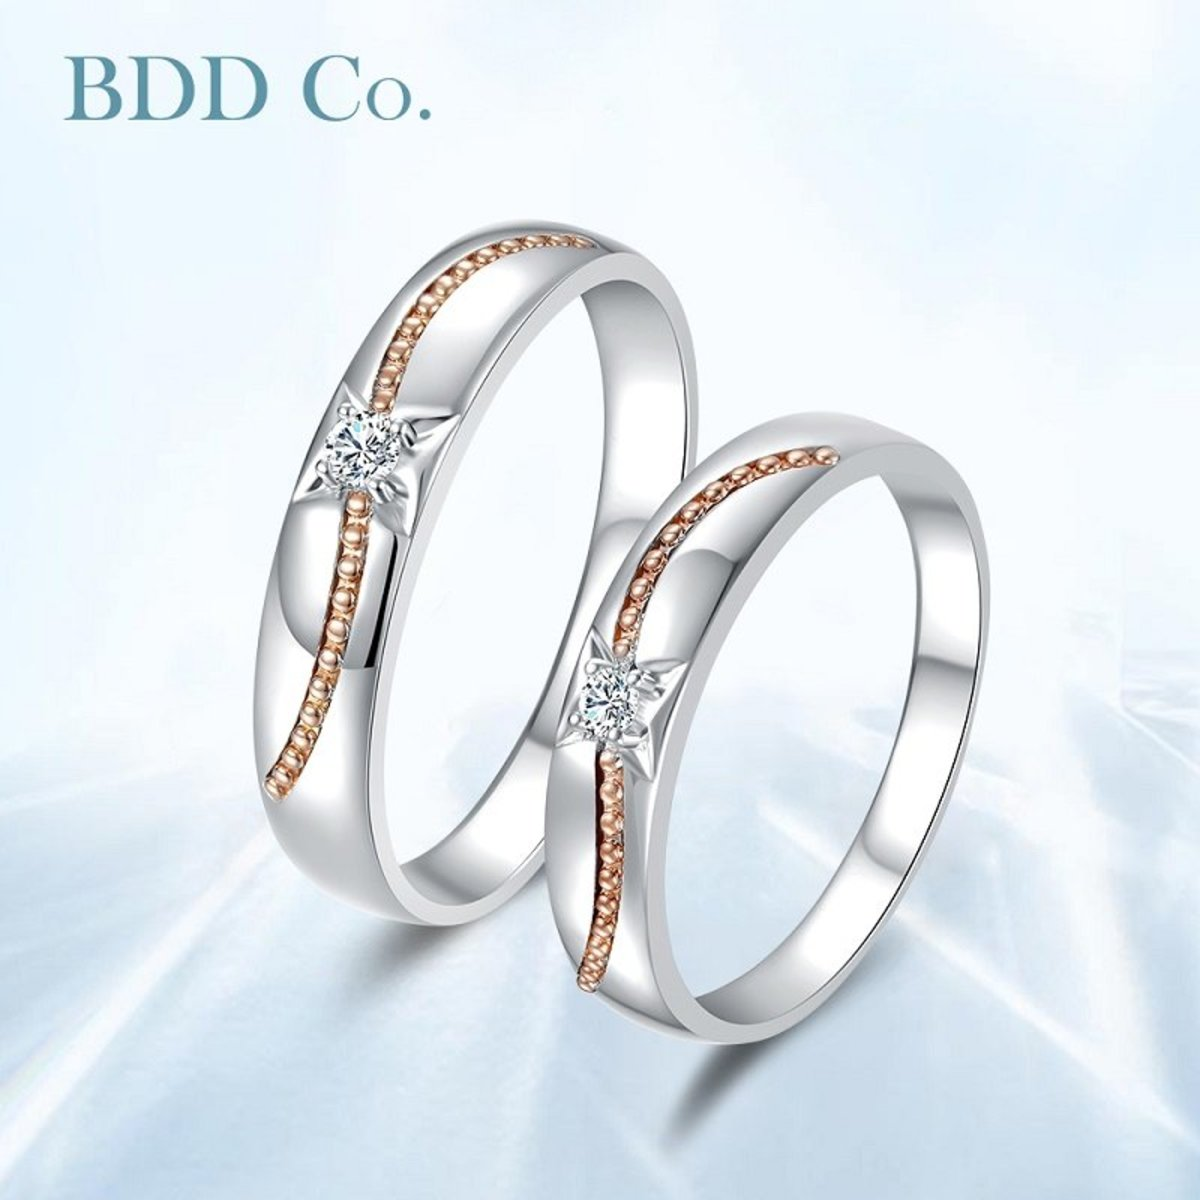 18K White Gold Couple Diamond Ring (W)